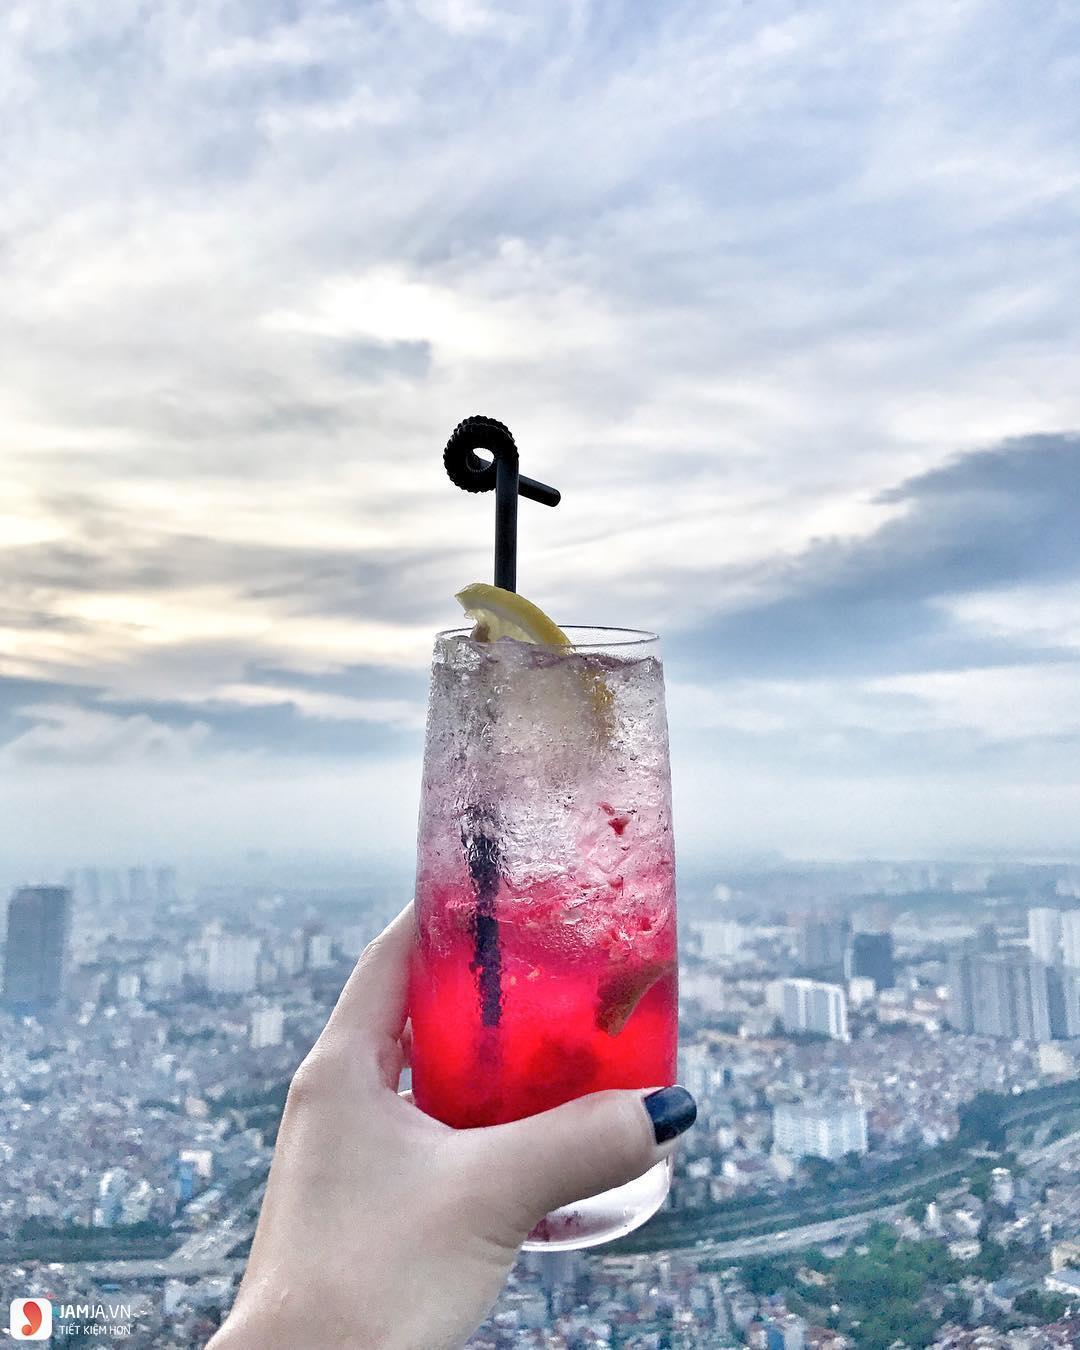 Top of Ha Noi 5